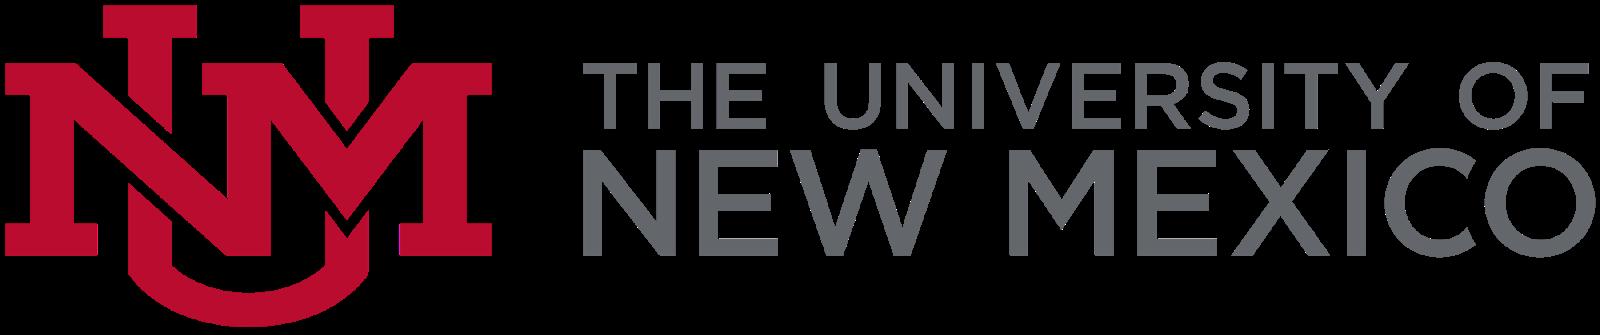 university of new mexico testimonial